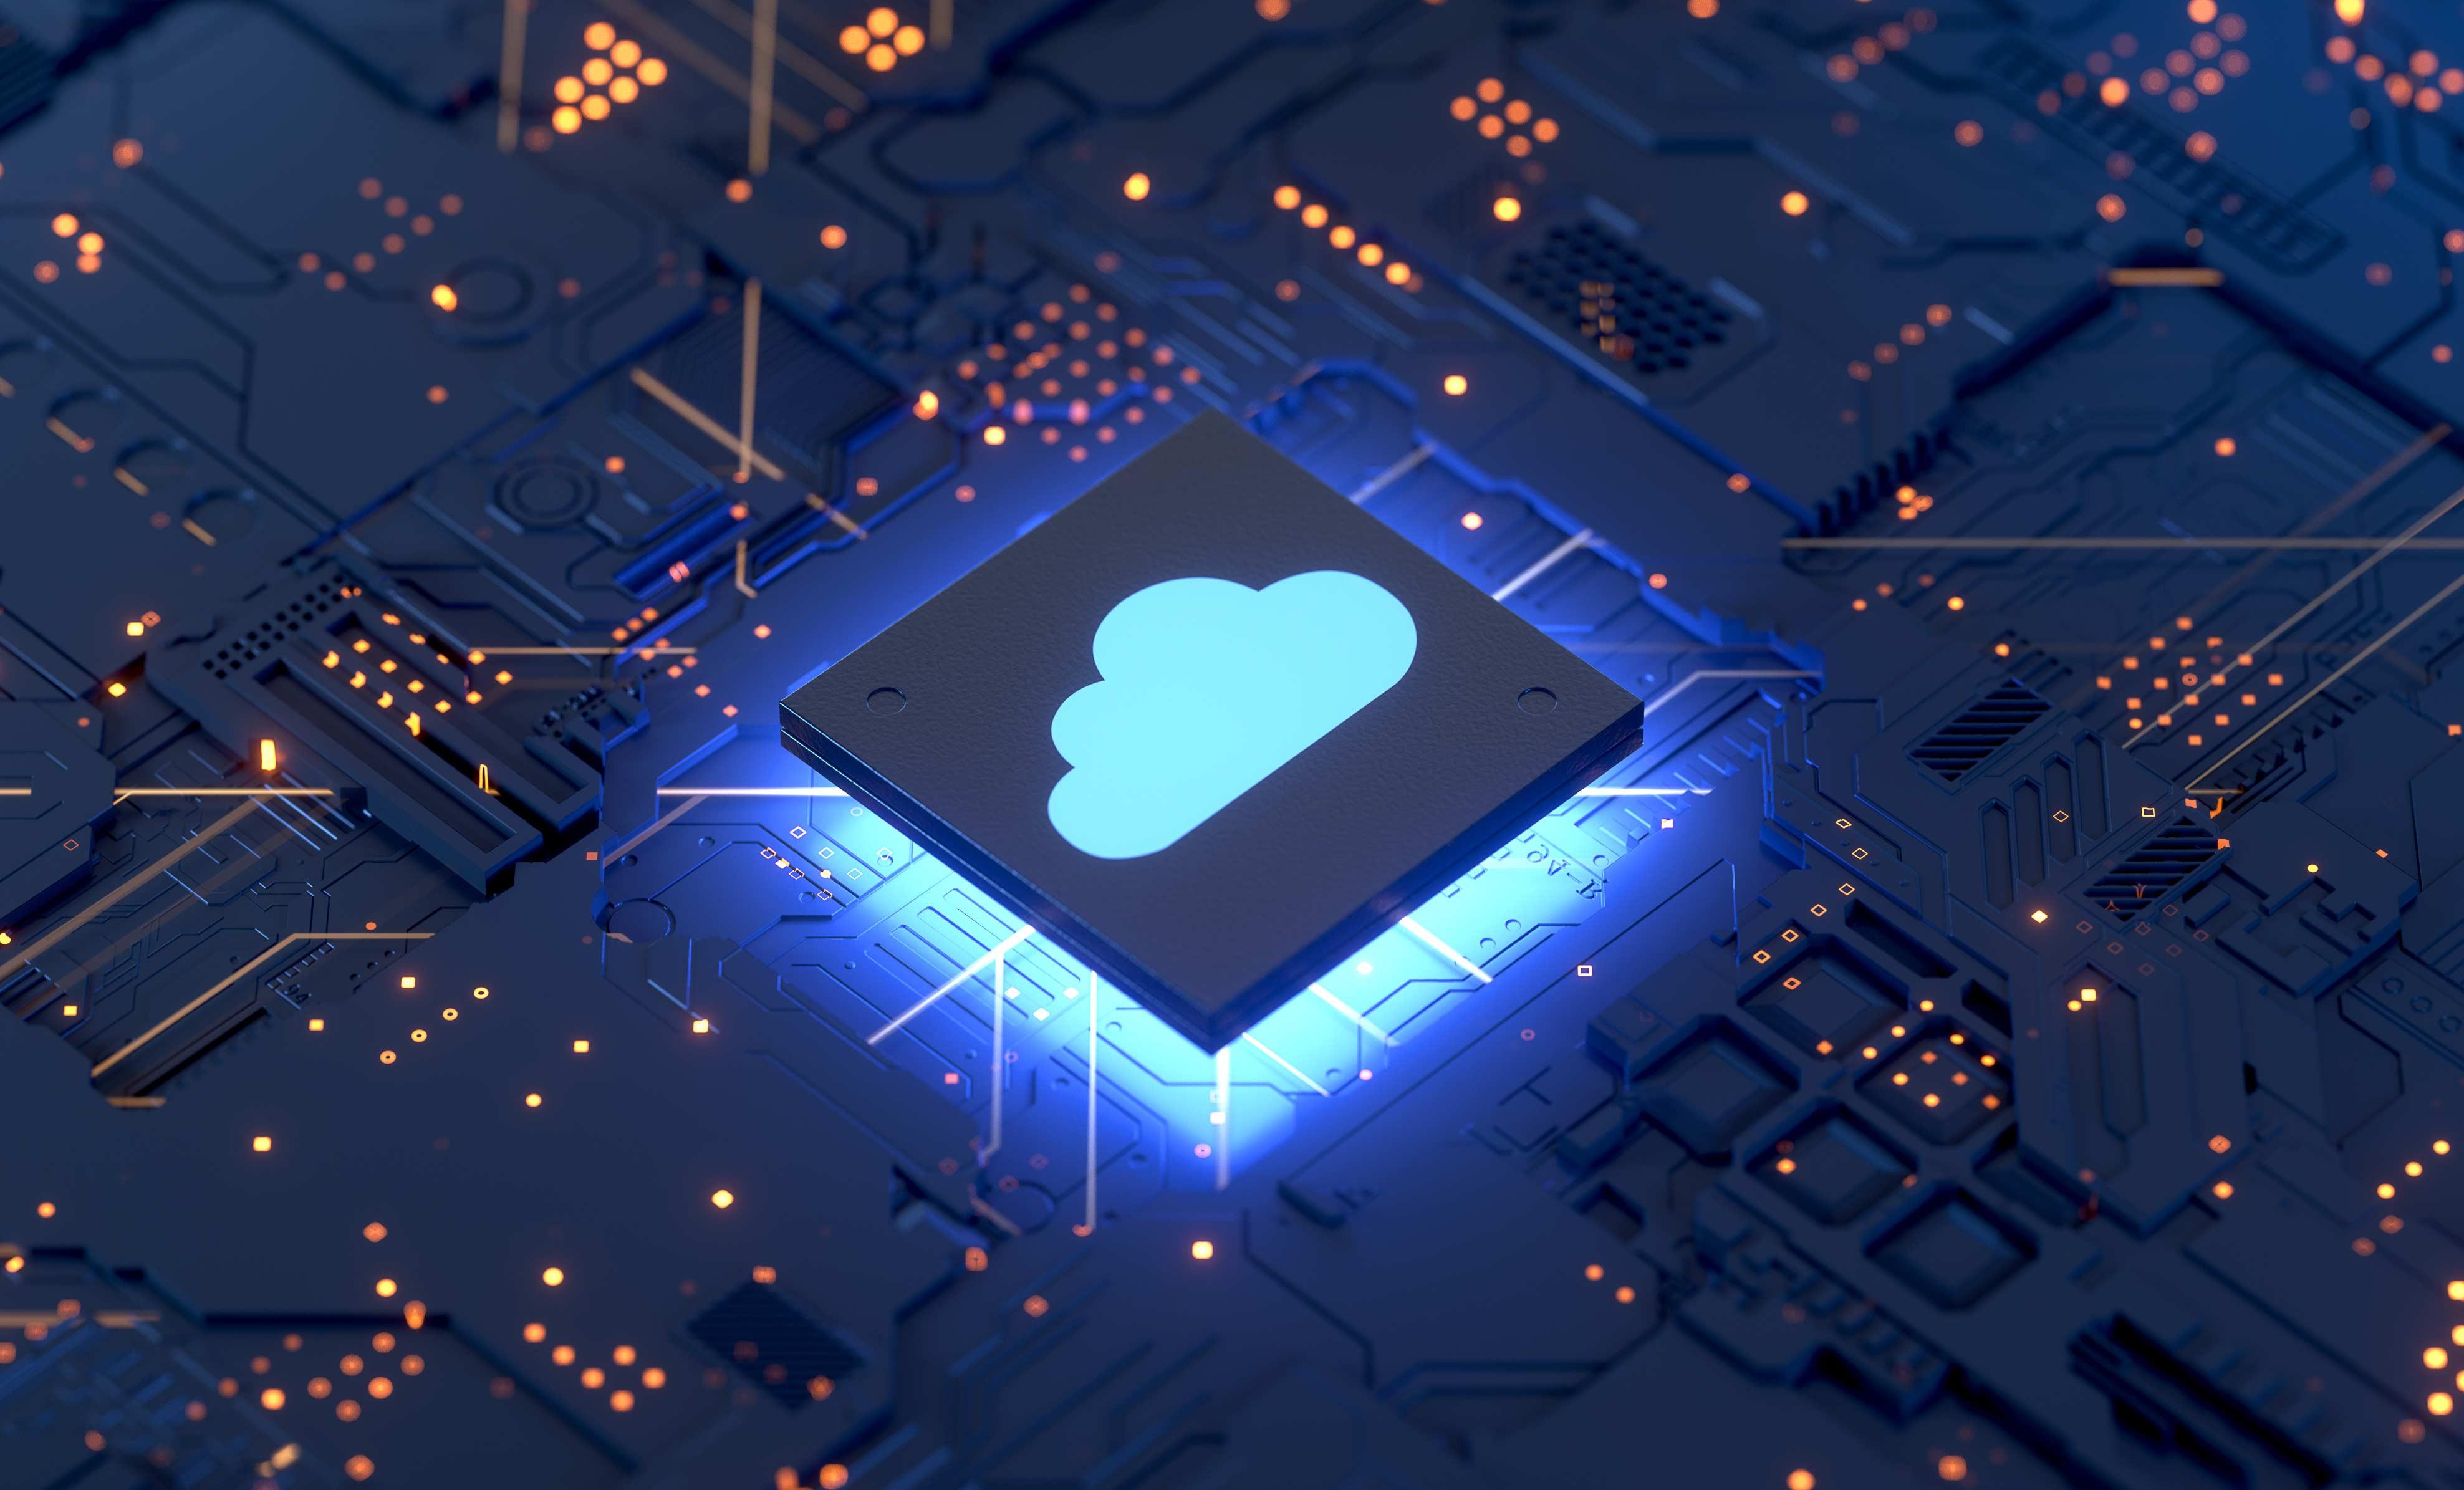 Desafíos de seguridad para operar en la nube